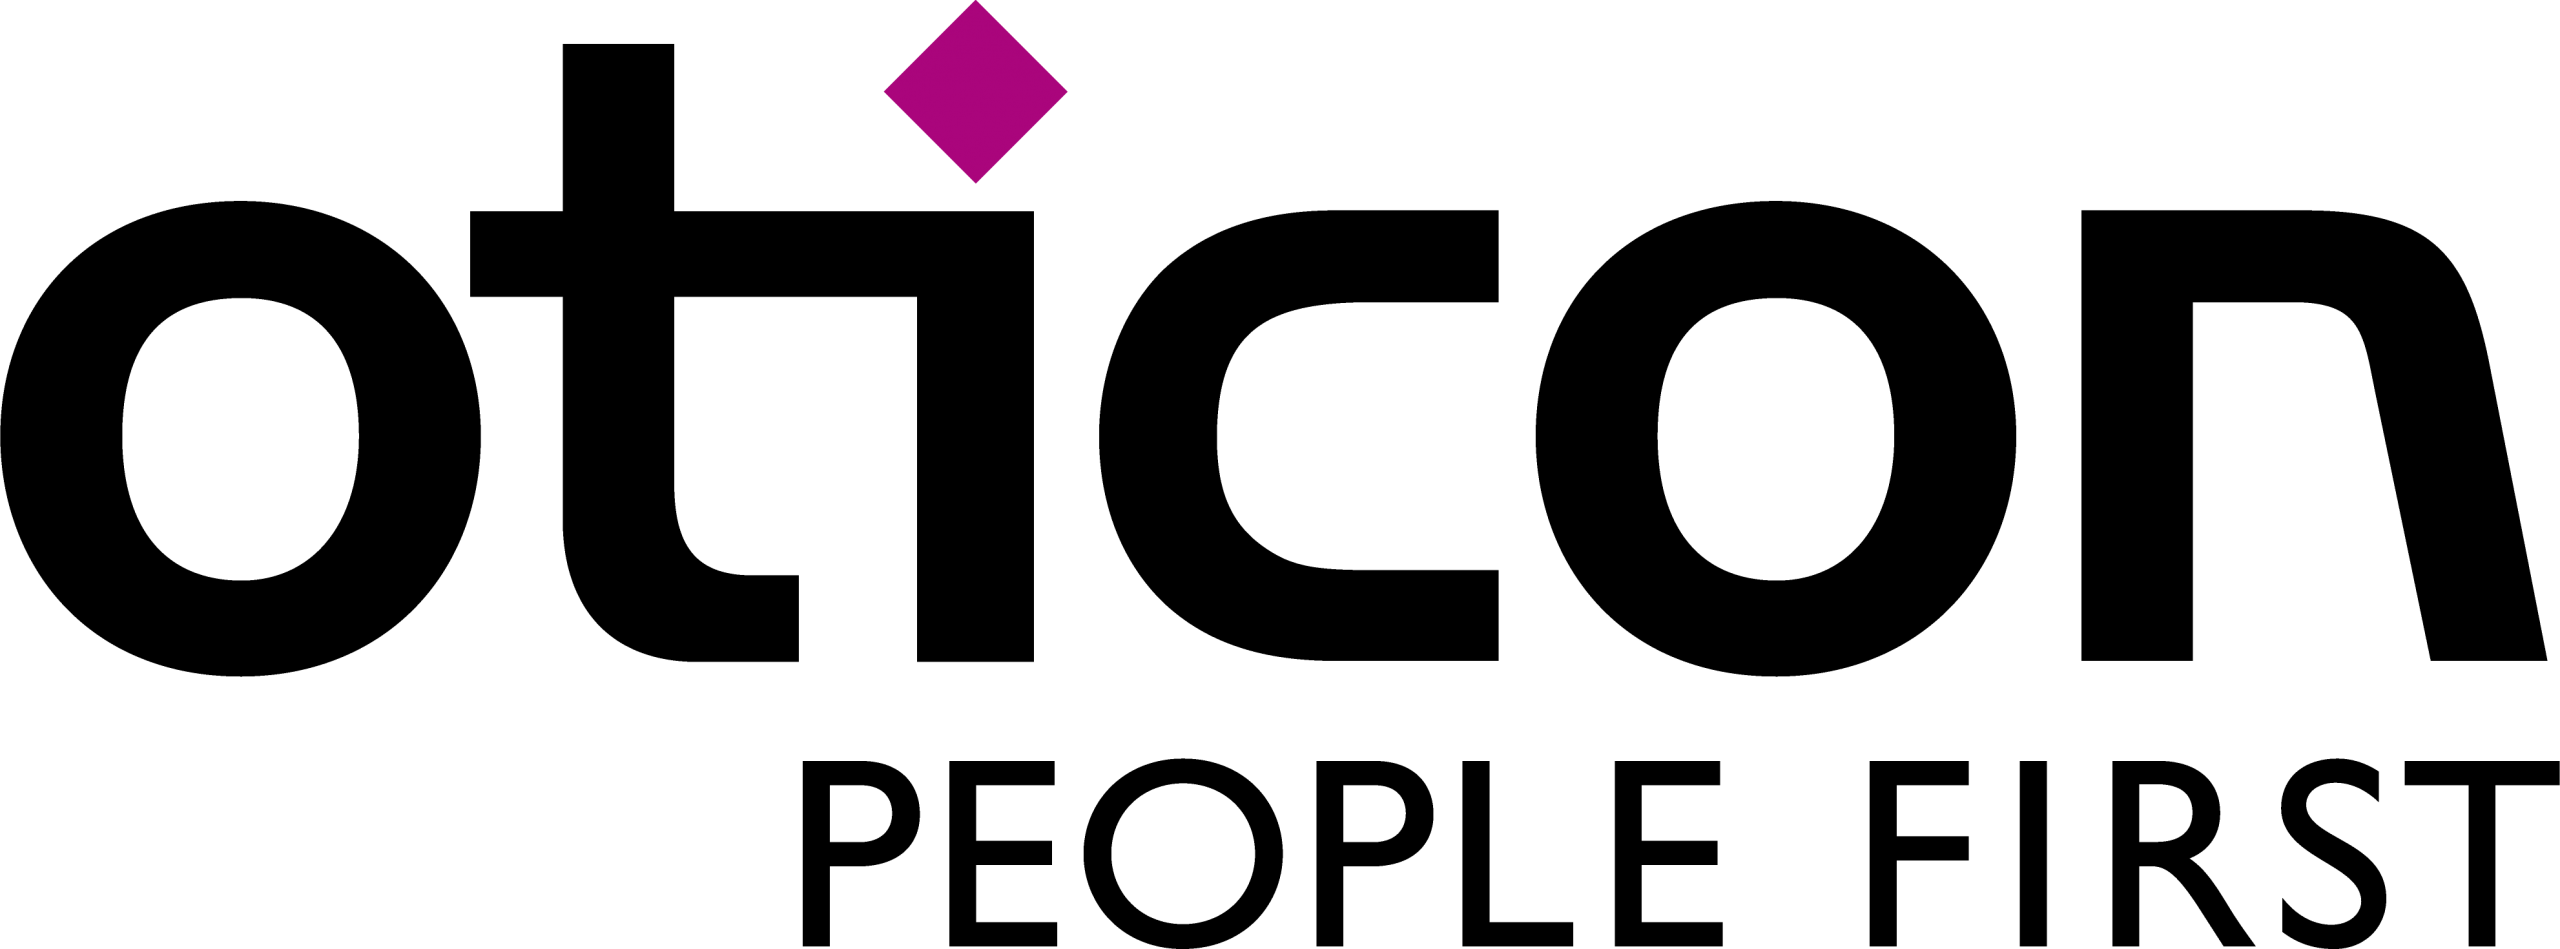 Oticon logo1 scaled